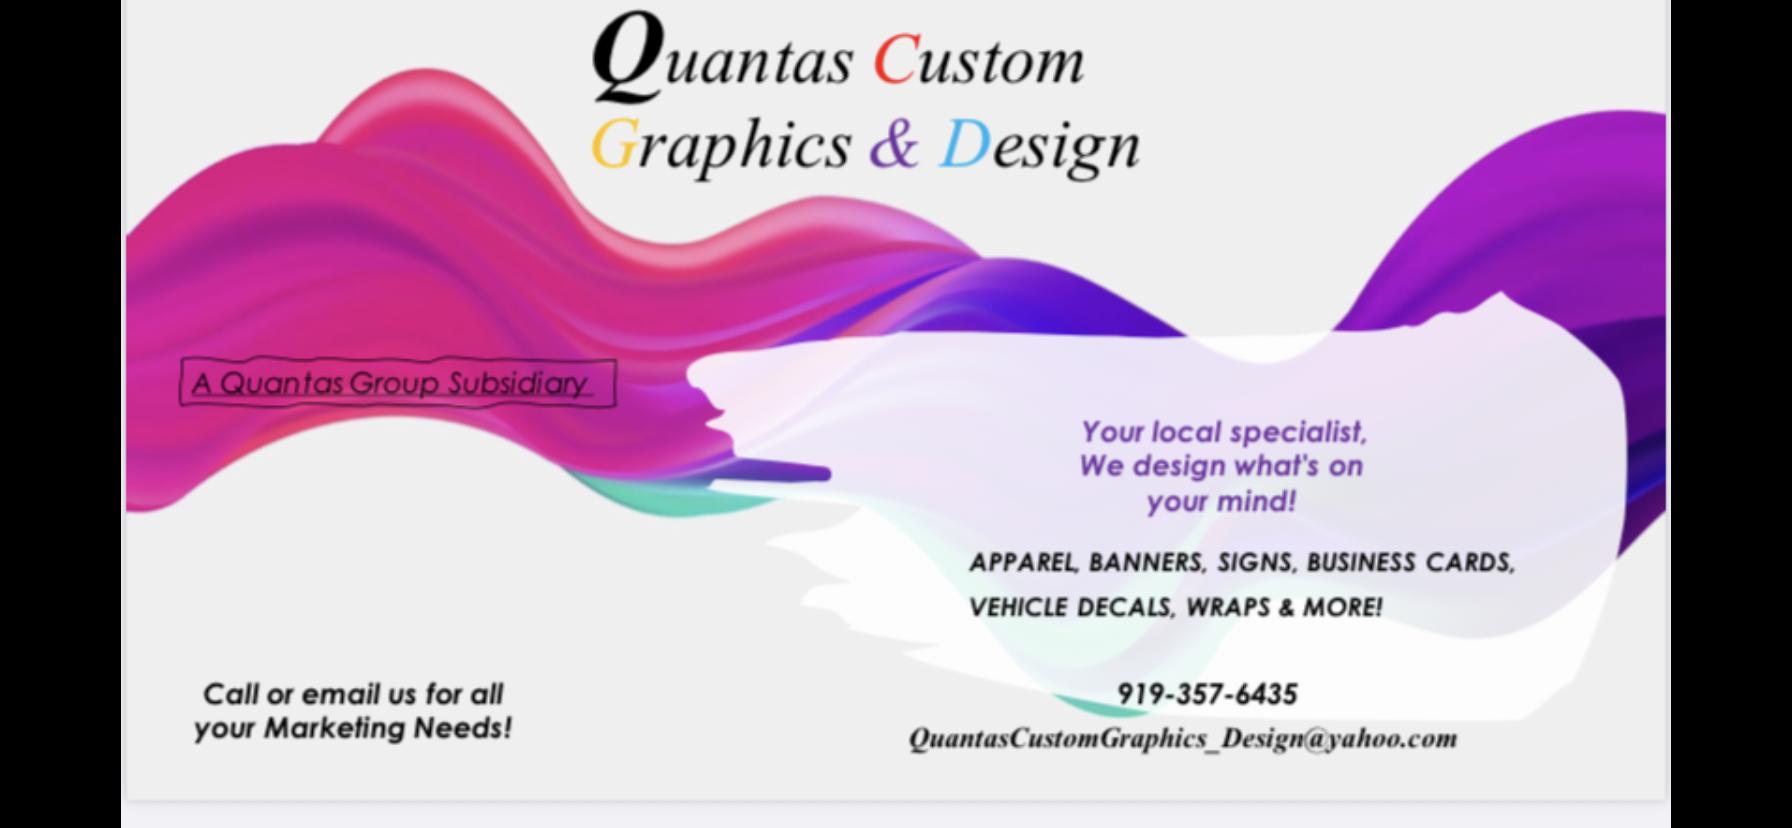 Quantas Custom Graphics & Design